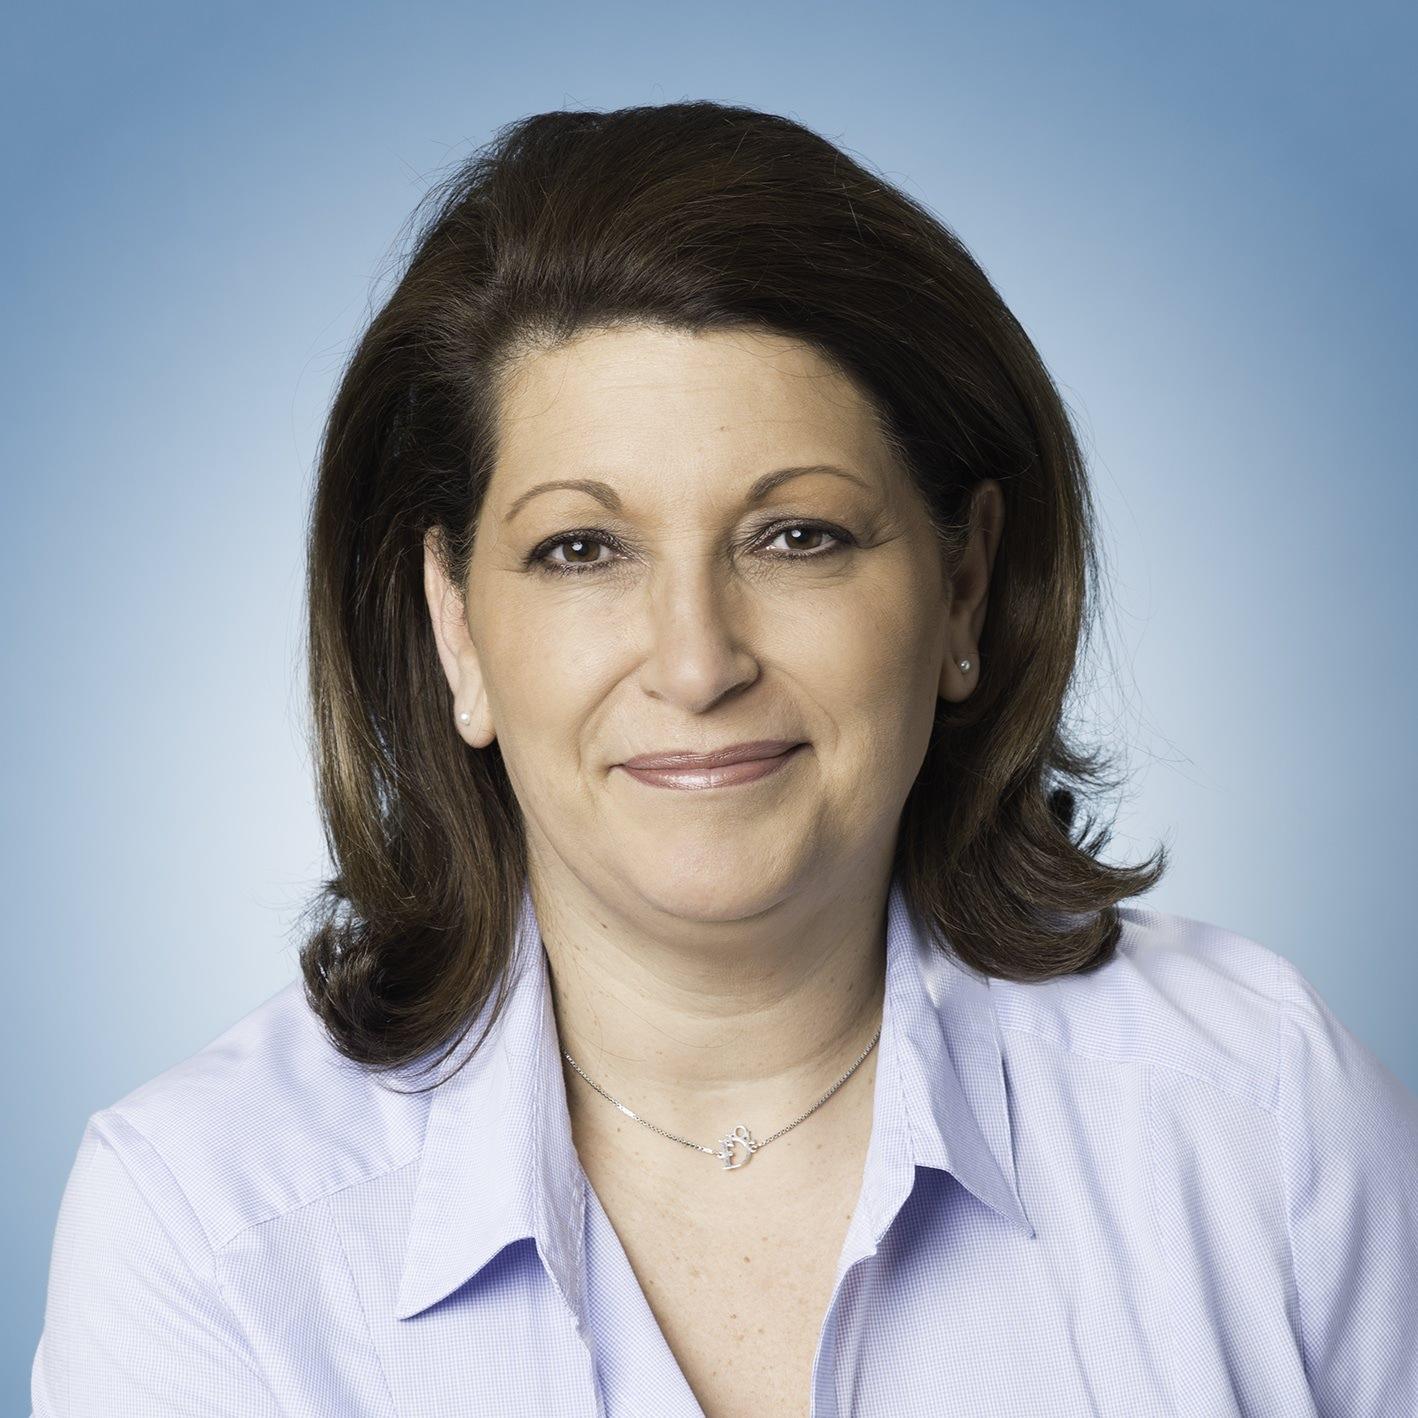 Christine L. 1